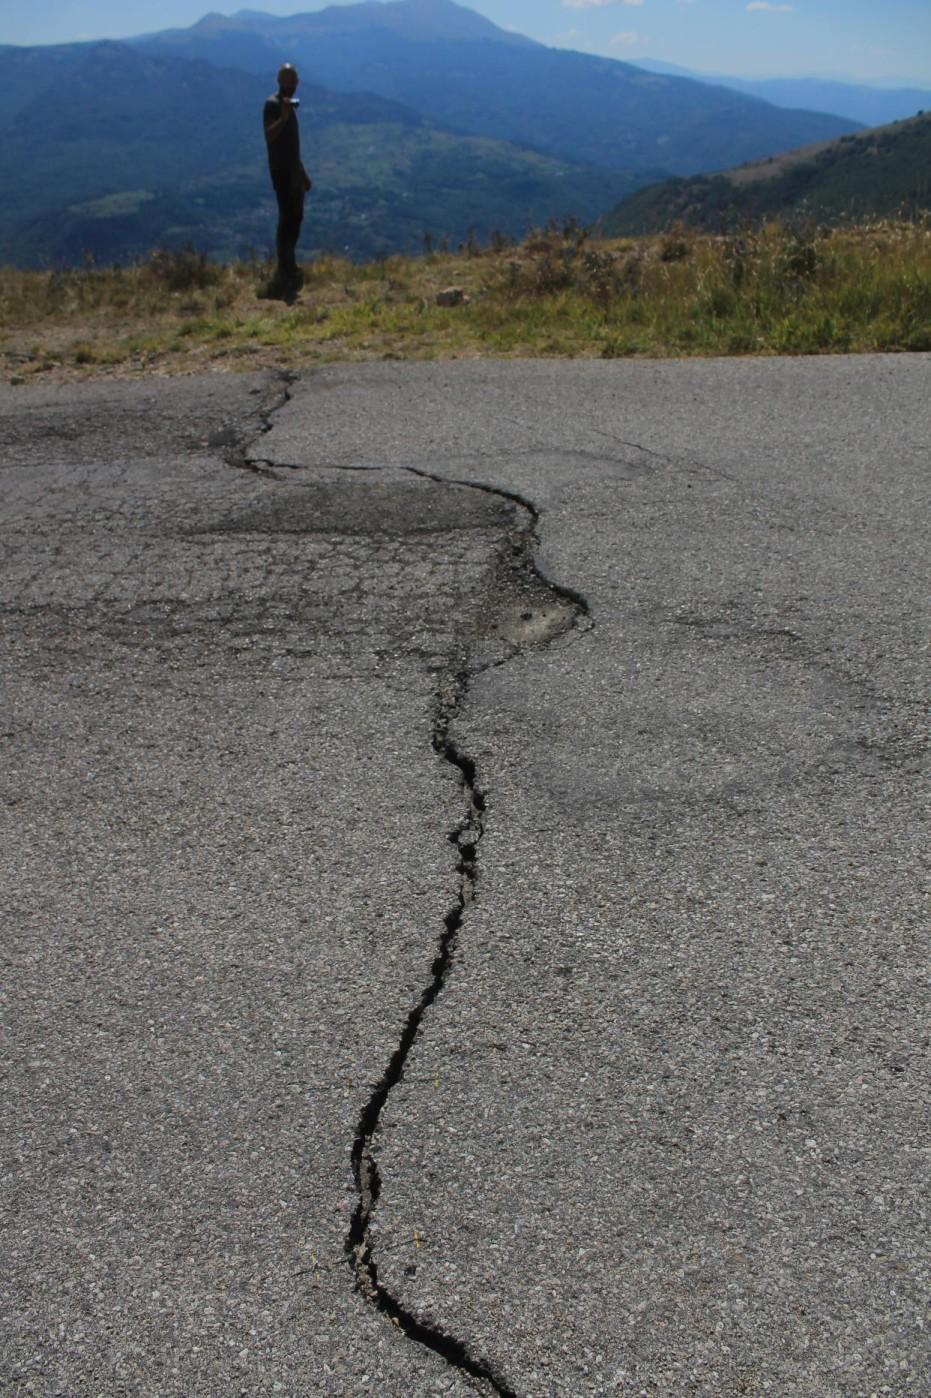 La fenditura, provocata dal terremoto, che ha inciso la strada asfaltata che da Forca di Presta raggiunge Pretare, sullo sfondo alcune frazioni di Arquata del Tronto colpite dal sisma.